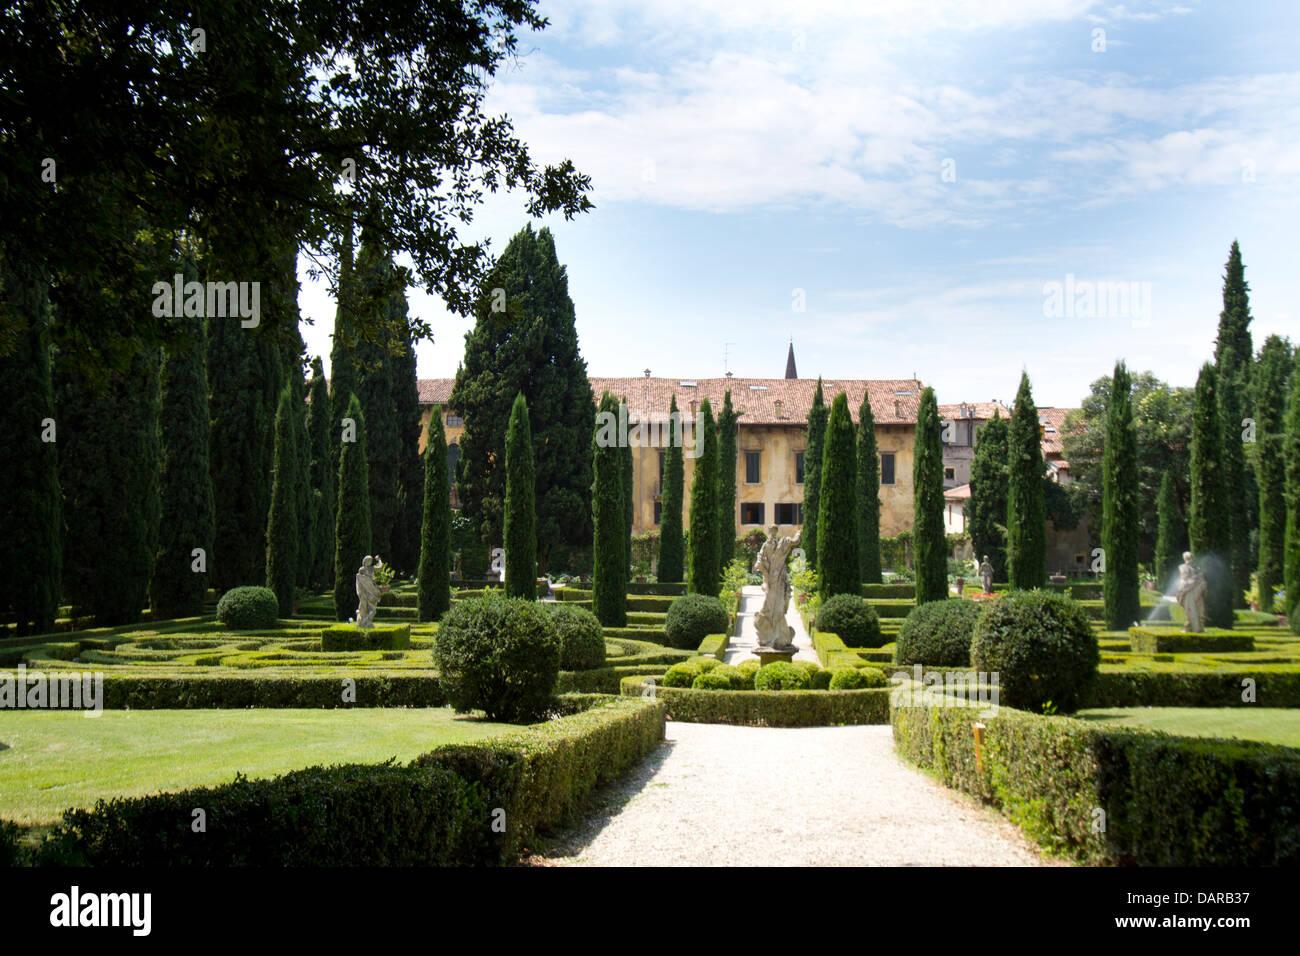 the giusti palace and garden palazzo e giardino giusti